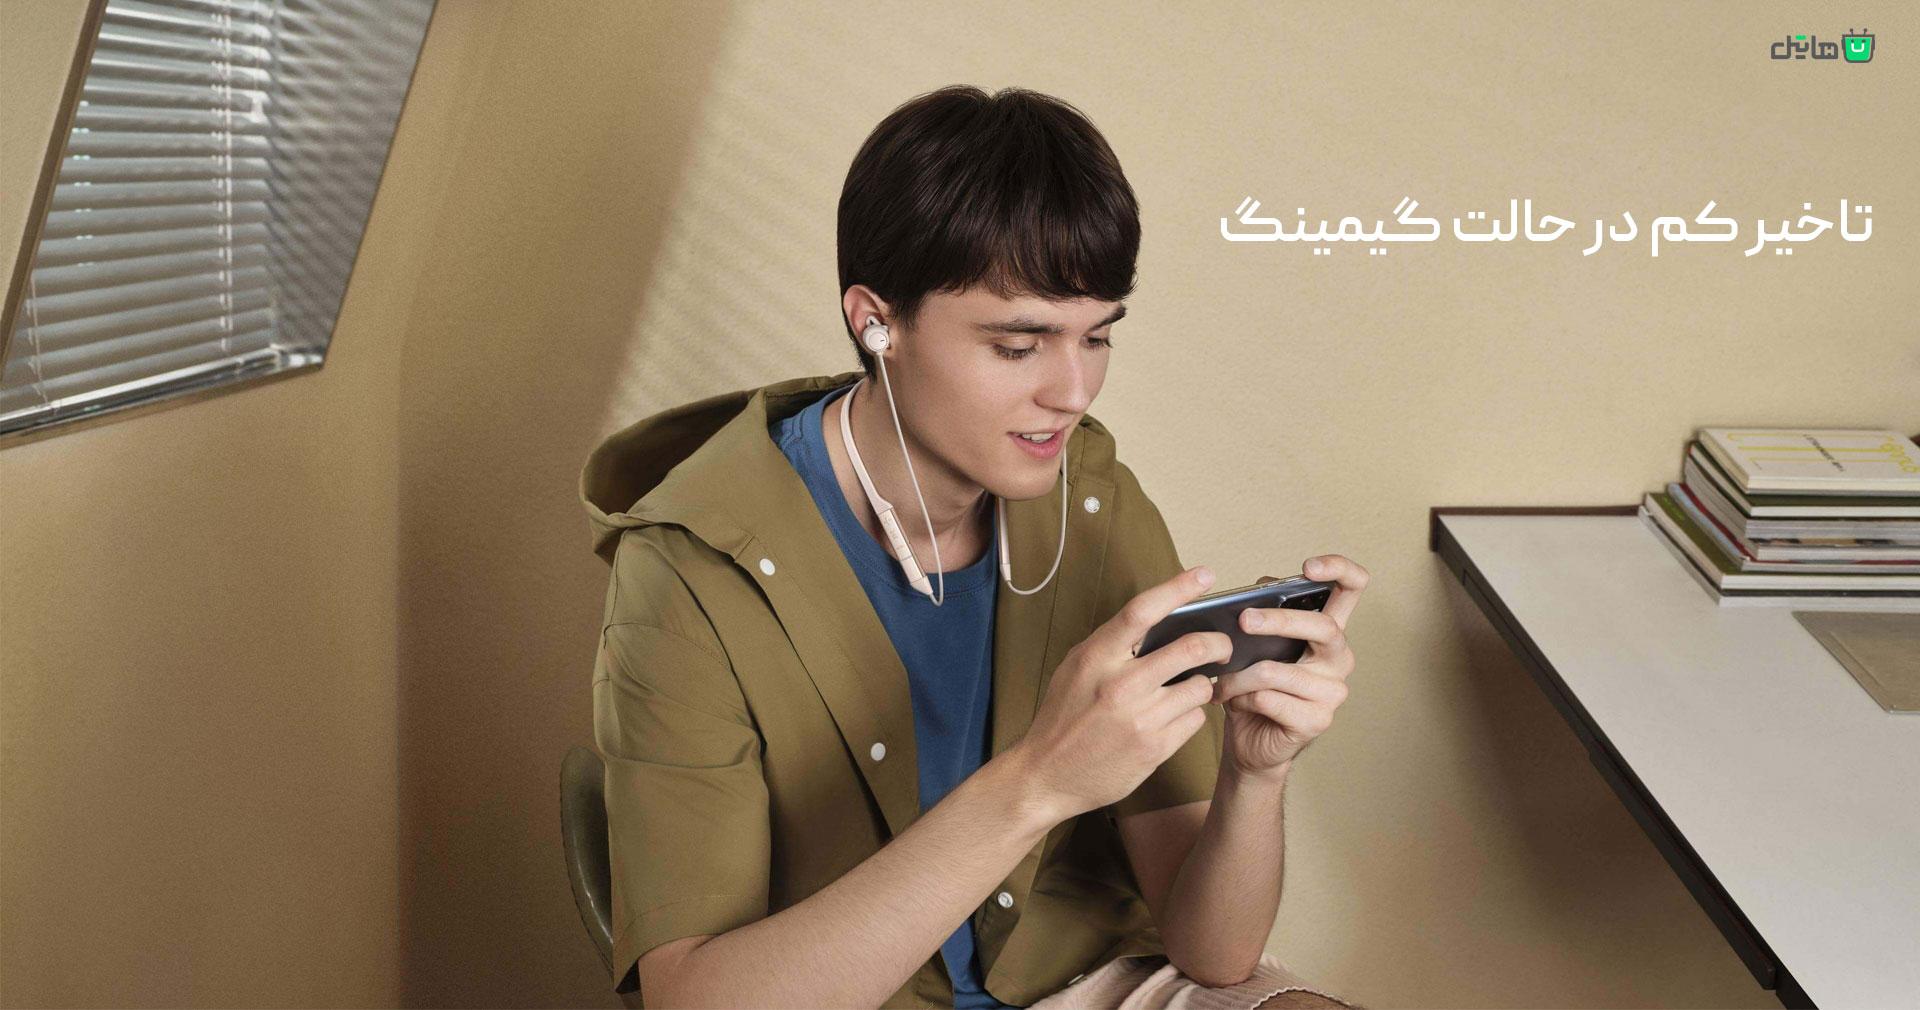 قیمت و خرید هندزفری بی سیم هواوی Huawei FreeLace Pro